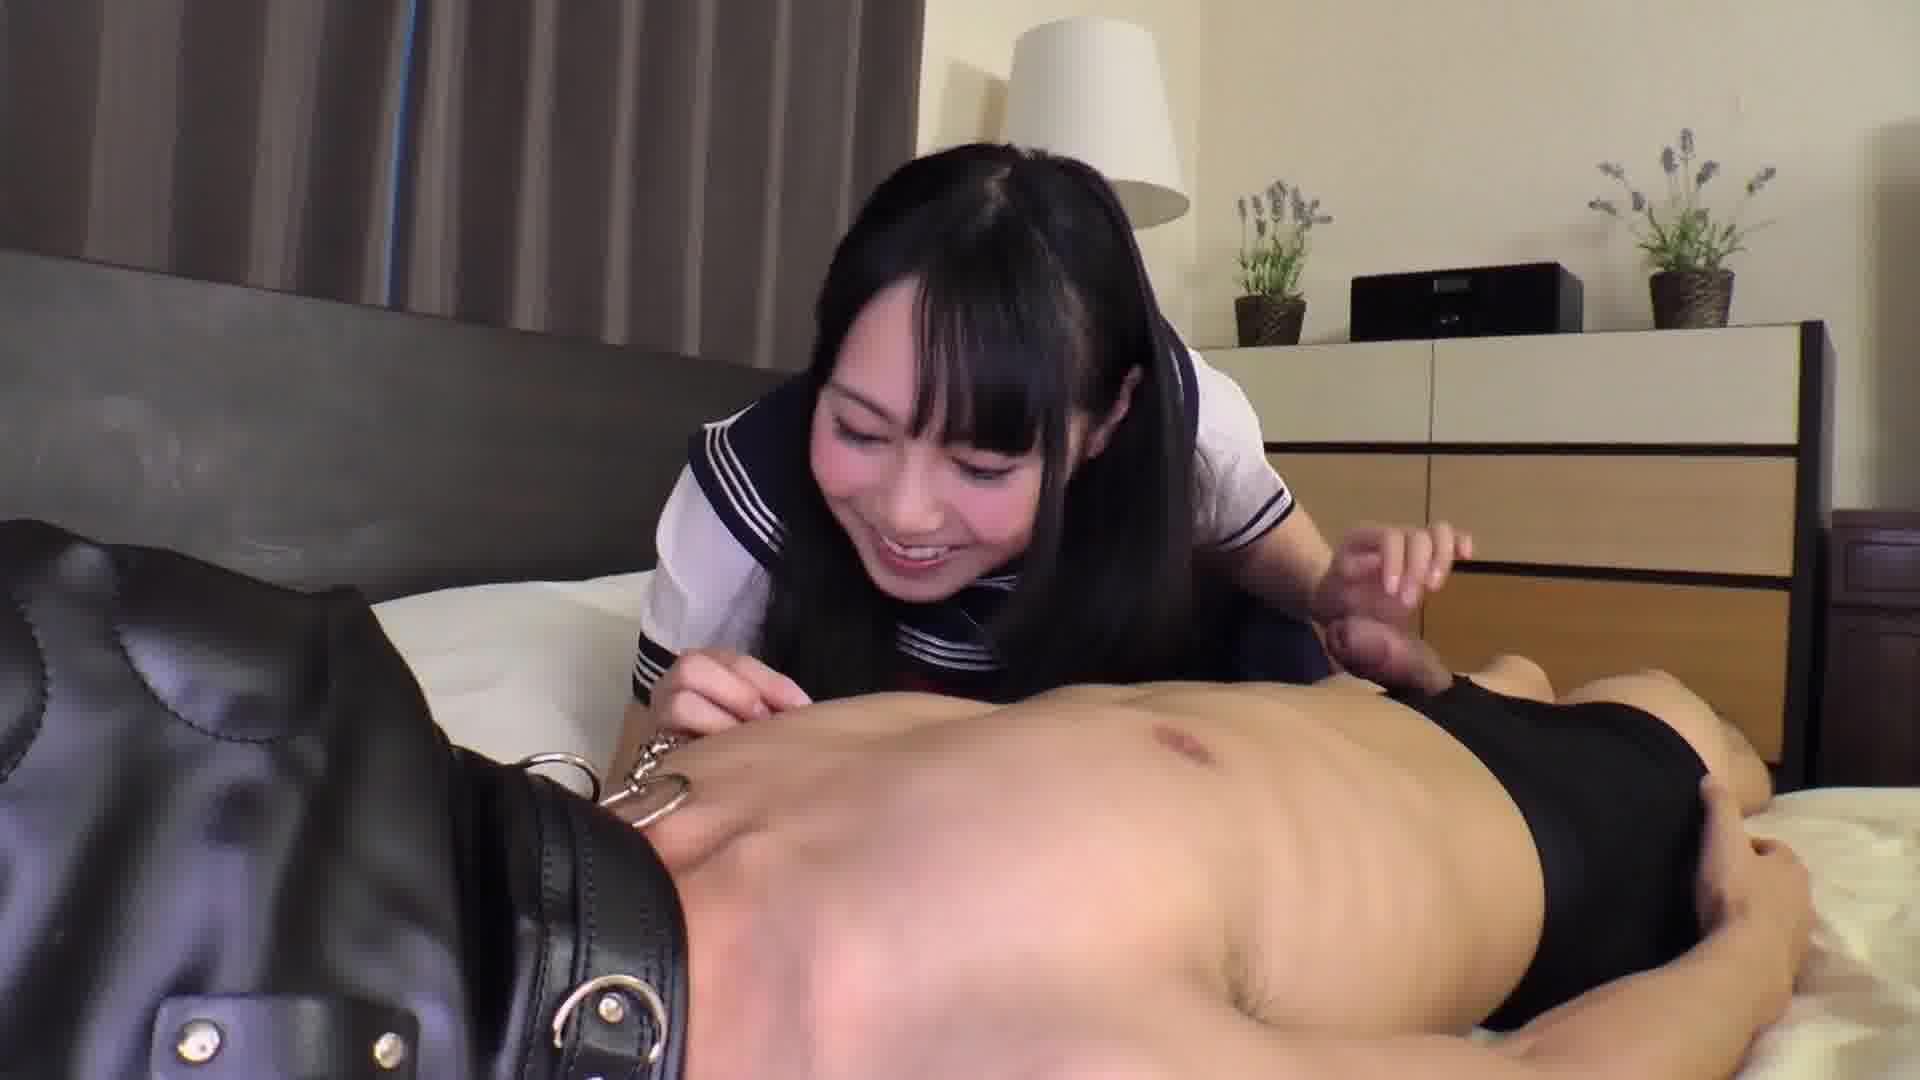 令嬢と召使 ~オマンコの汁を舐めないとパパに言いつける~ - 豊田ゆう【コスプレ・制服・パイパン】